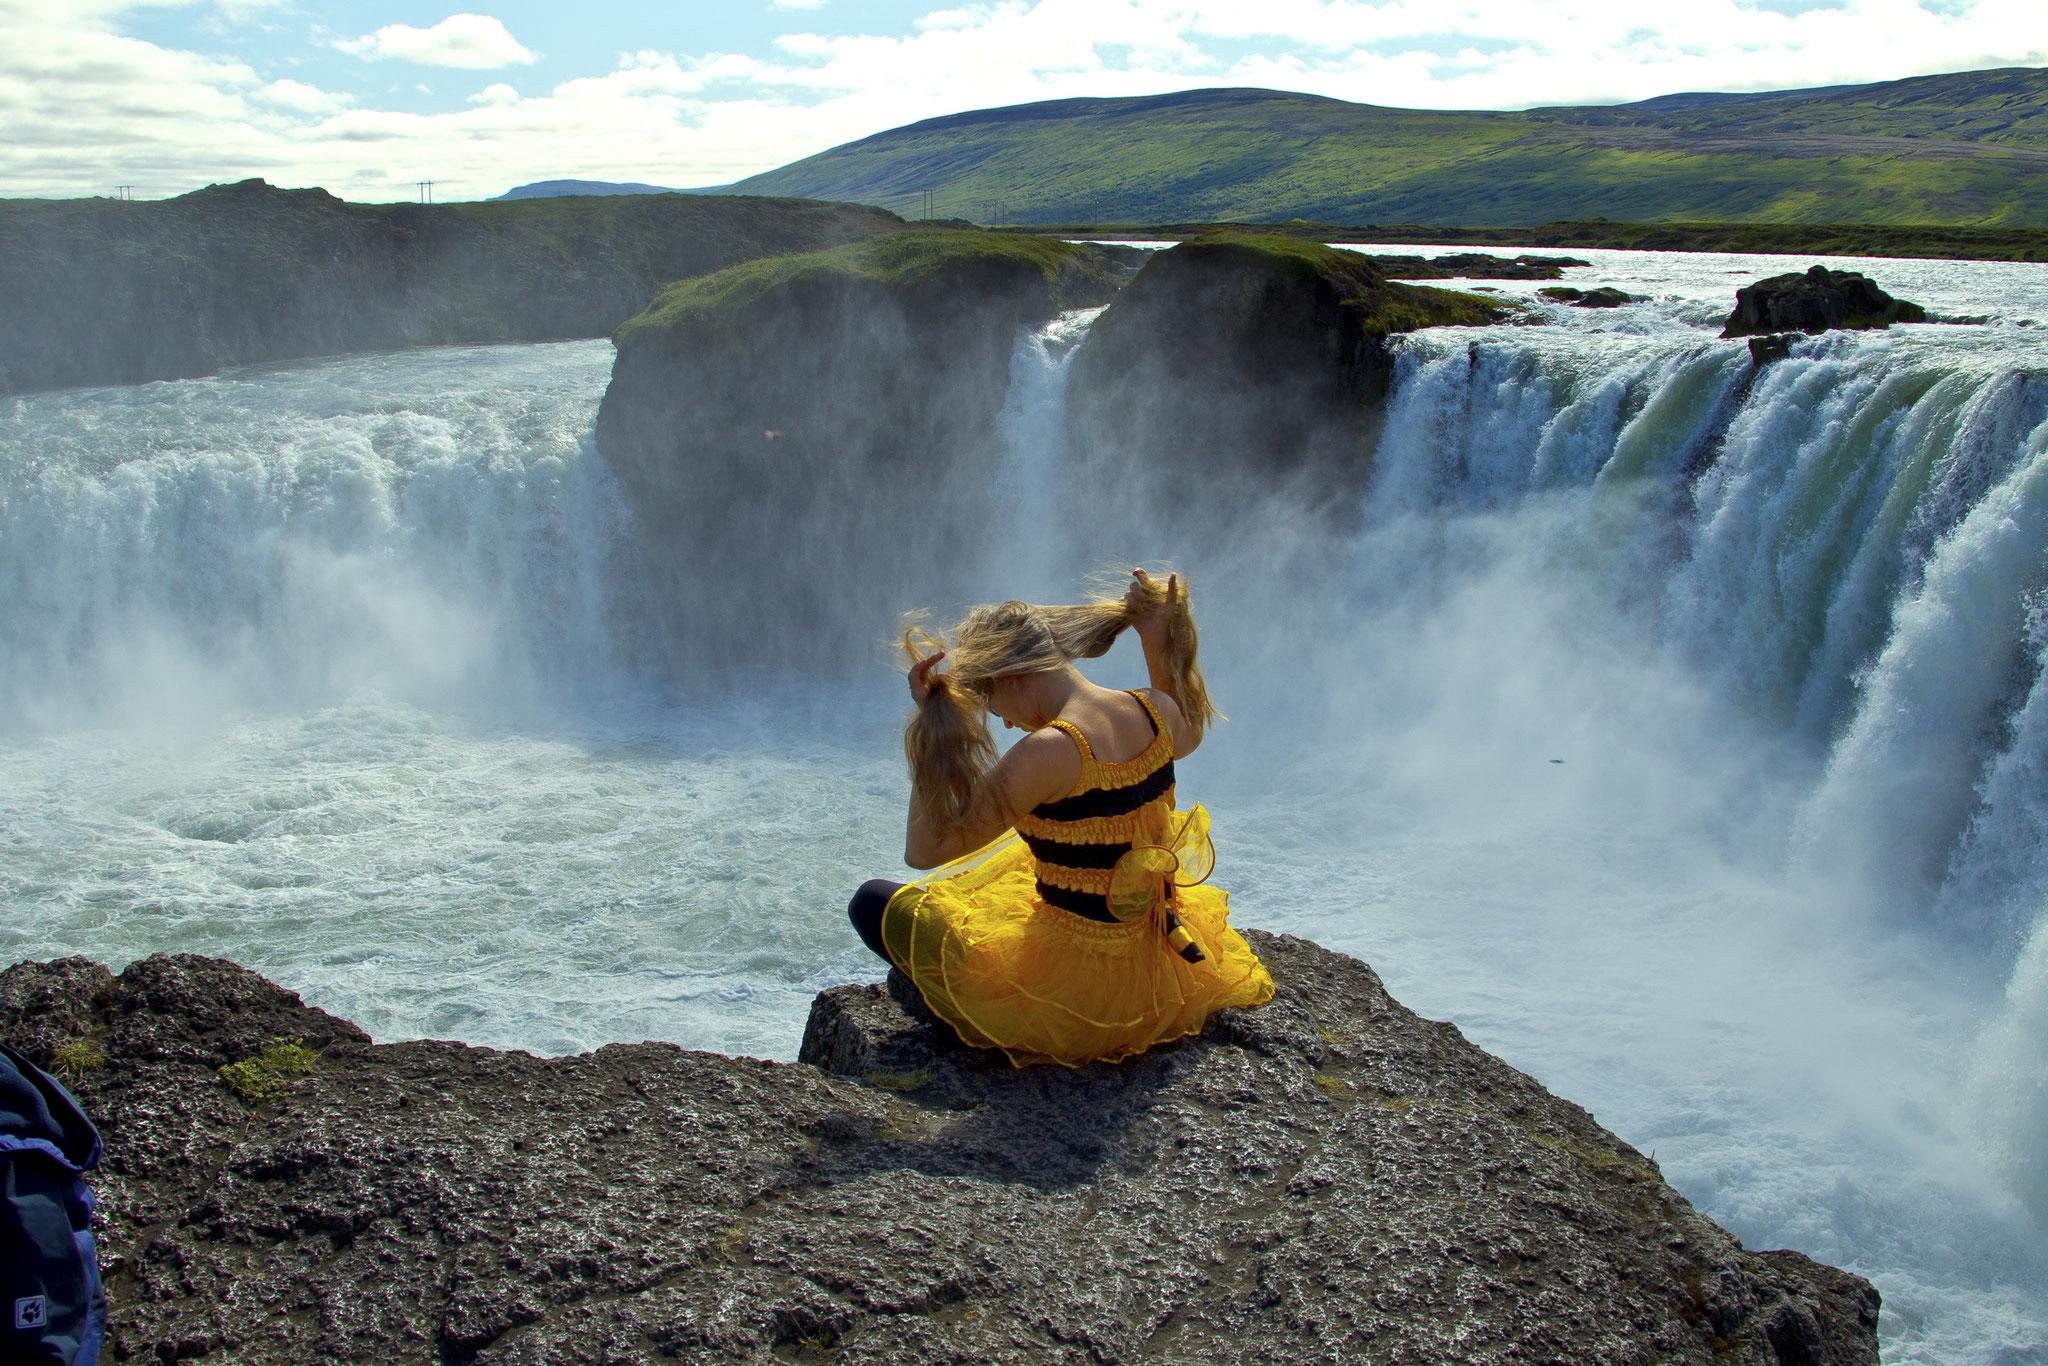 © Hans G. Lehmann | Biene Maja am Wasserfall Godafoss, Island